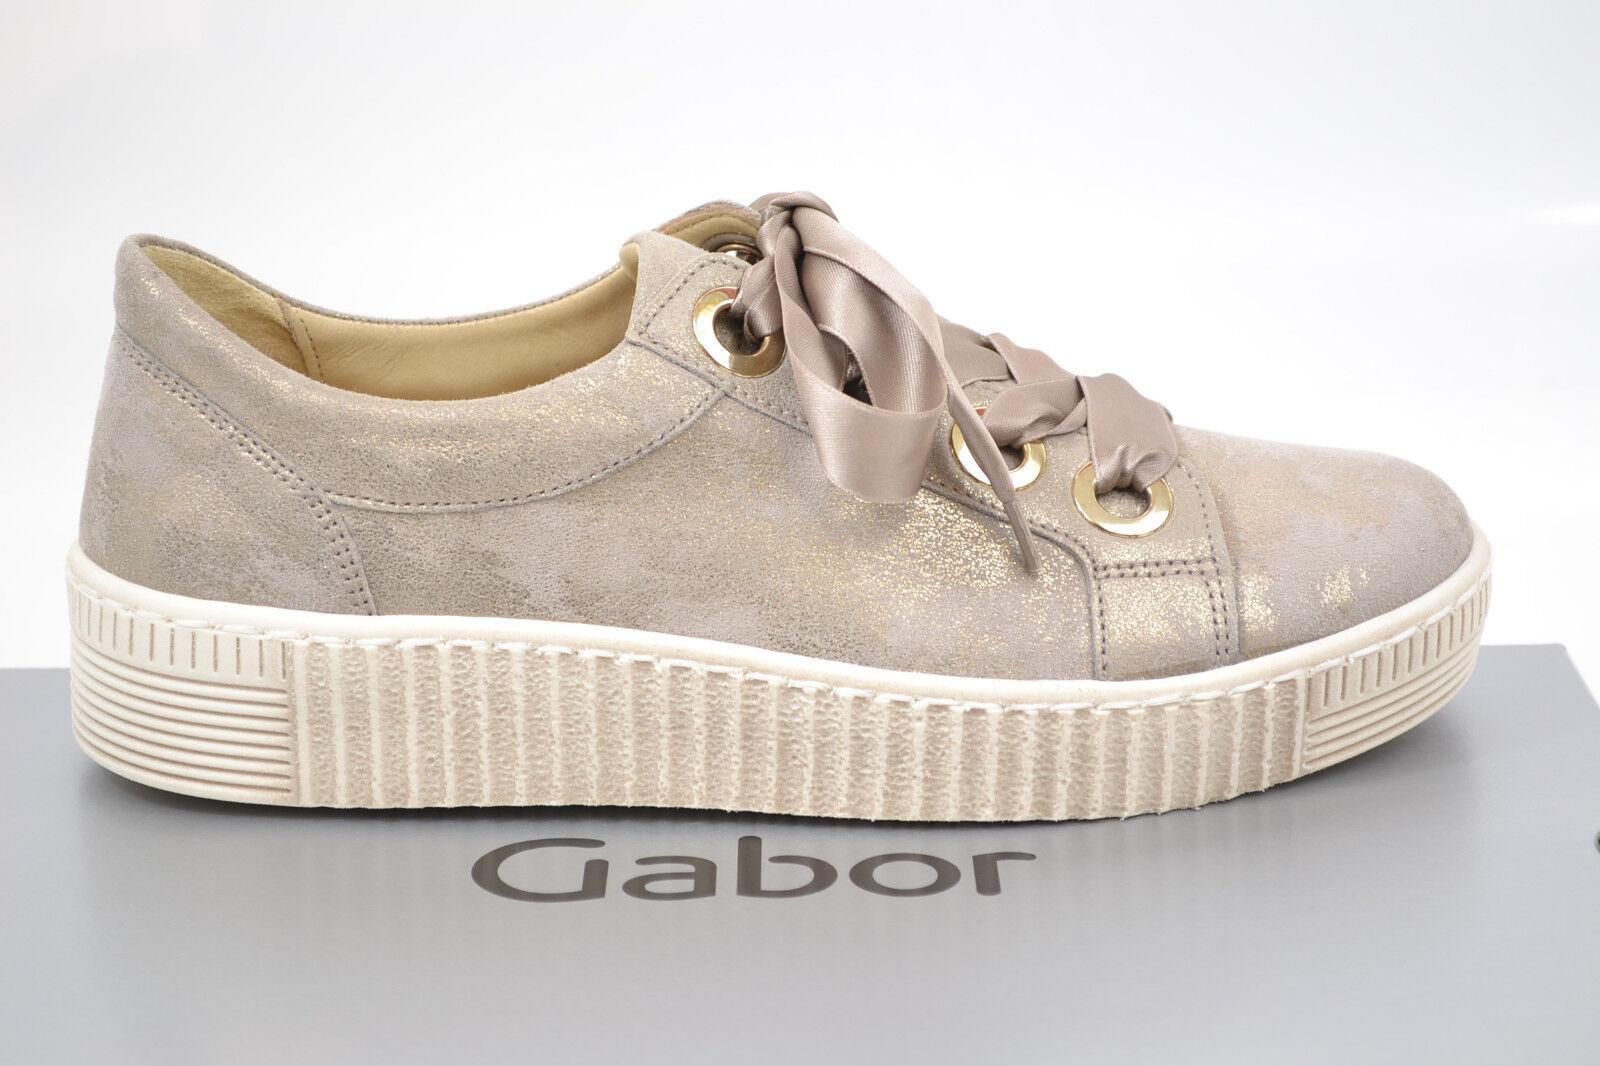 Gabor Turnschuhe Damenschuhe comfort Schuhe muschel metallic NEU FS18